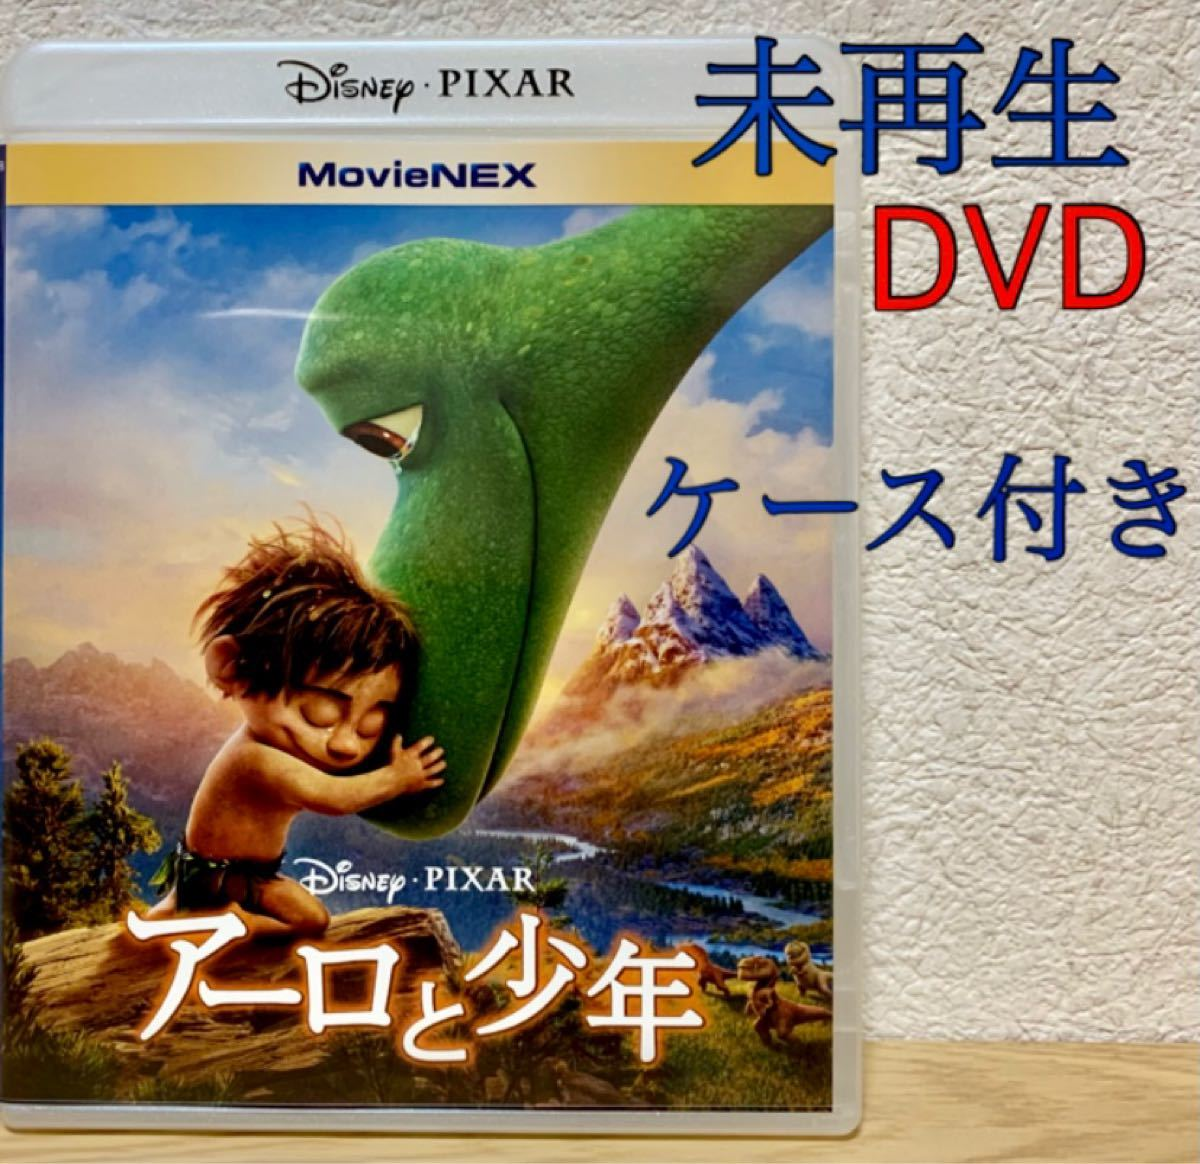 アーロと少年 MovieNEX('15米) 正規パッケージ+未再生DVD ディズニー ピクサー